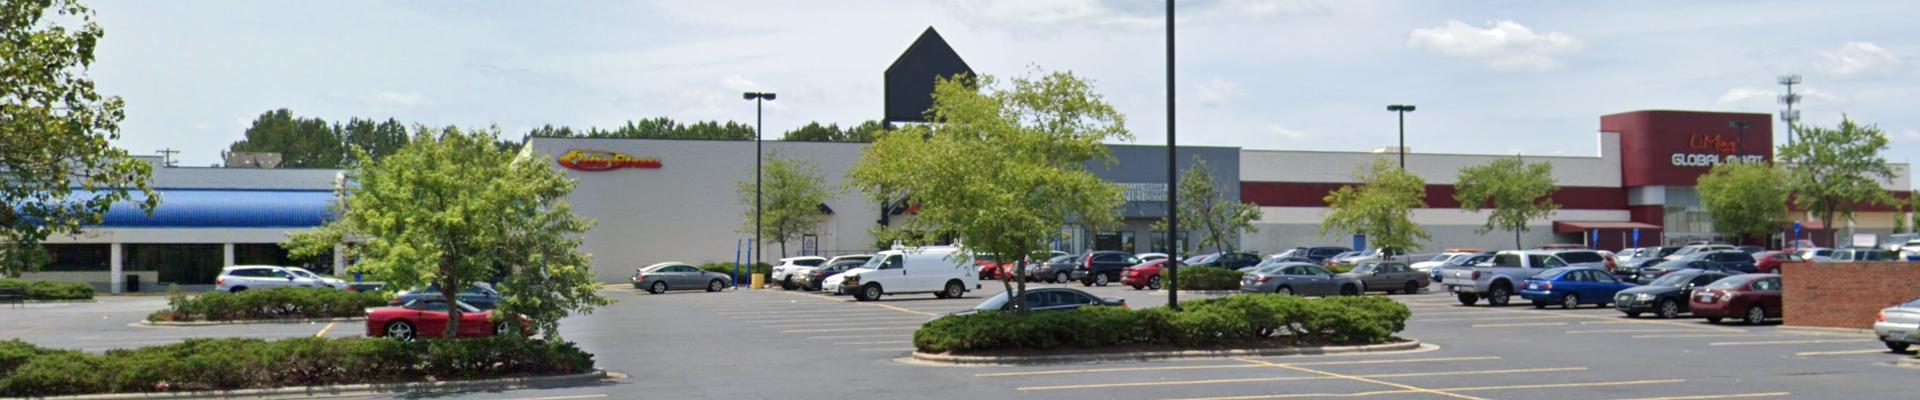 Westgate Plaza Shopping Center – Durham, North Carolina